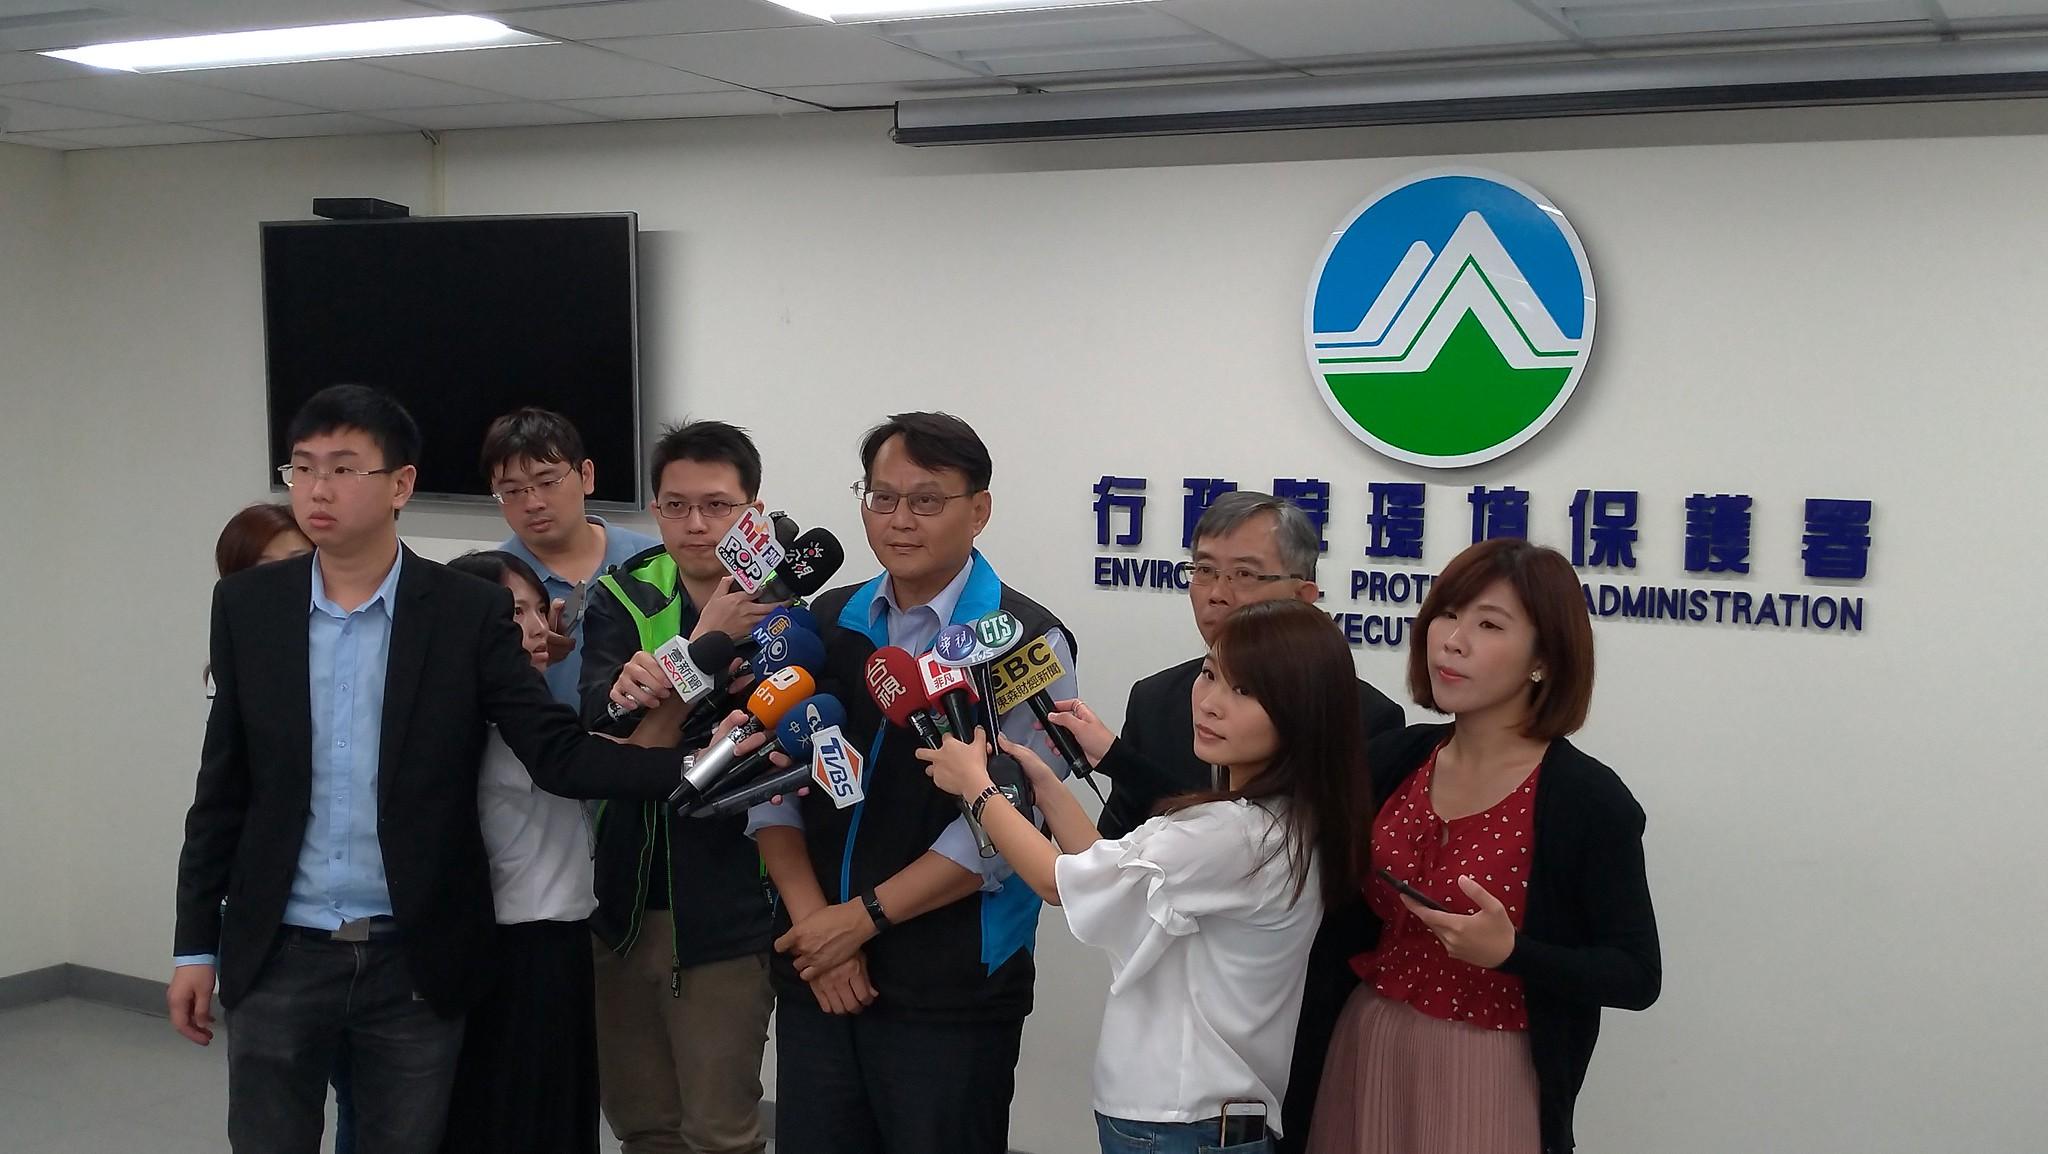 環保署毒物及化學物質局局長謝燕儒表示,事故現場的化學物質都在正常範圍內,列管的毒性化學物質的苯及二氯乙烷皆無洩漏情形。孫文臨攝